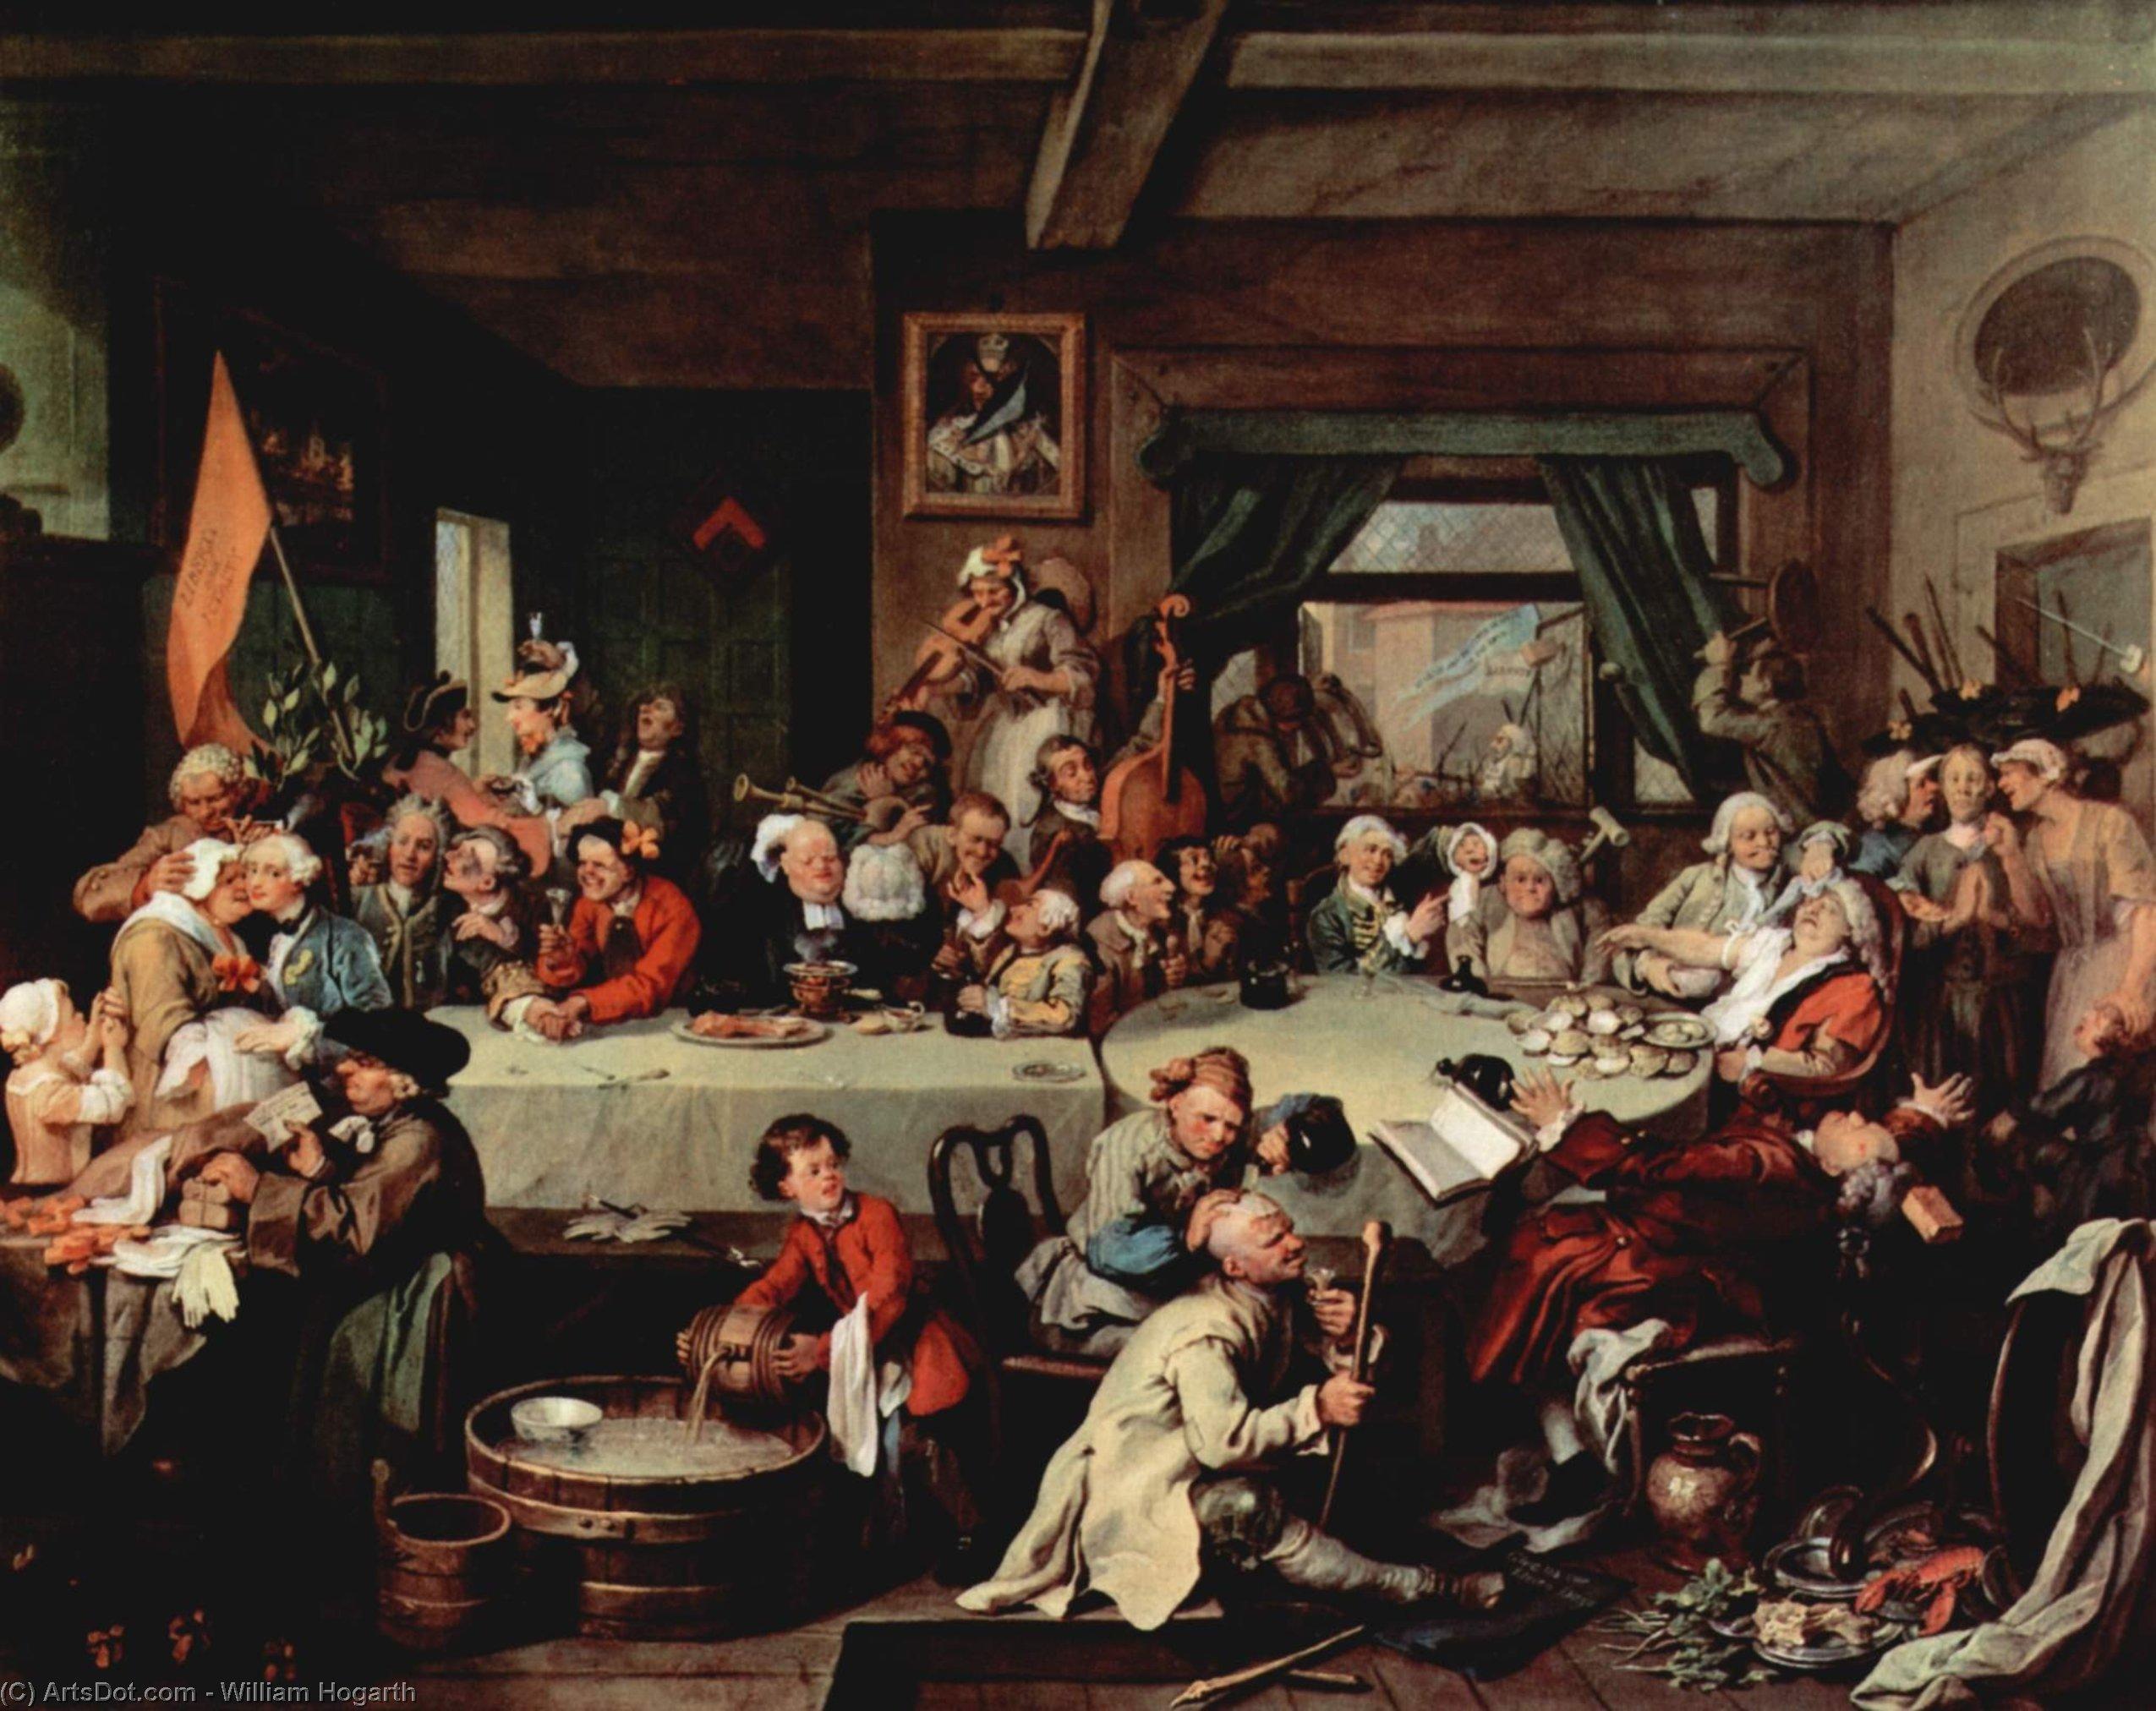 WikiOO.org - Enciklopedija dailės - Tapyba, meno kuriniai William Hogarth - The Banquet